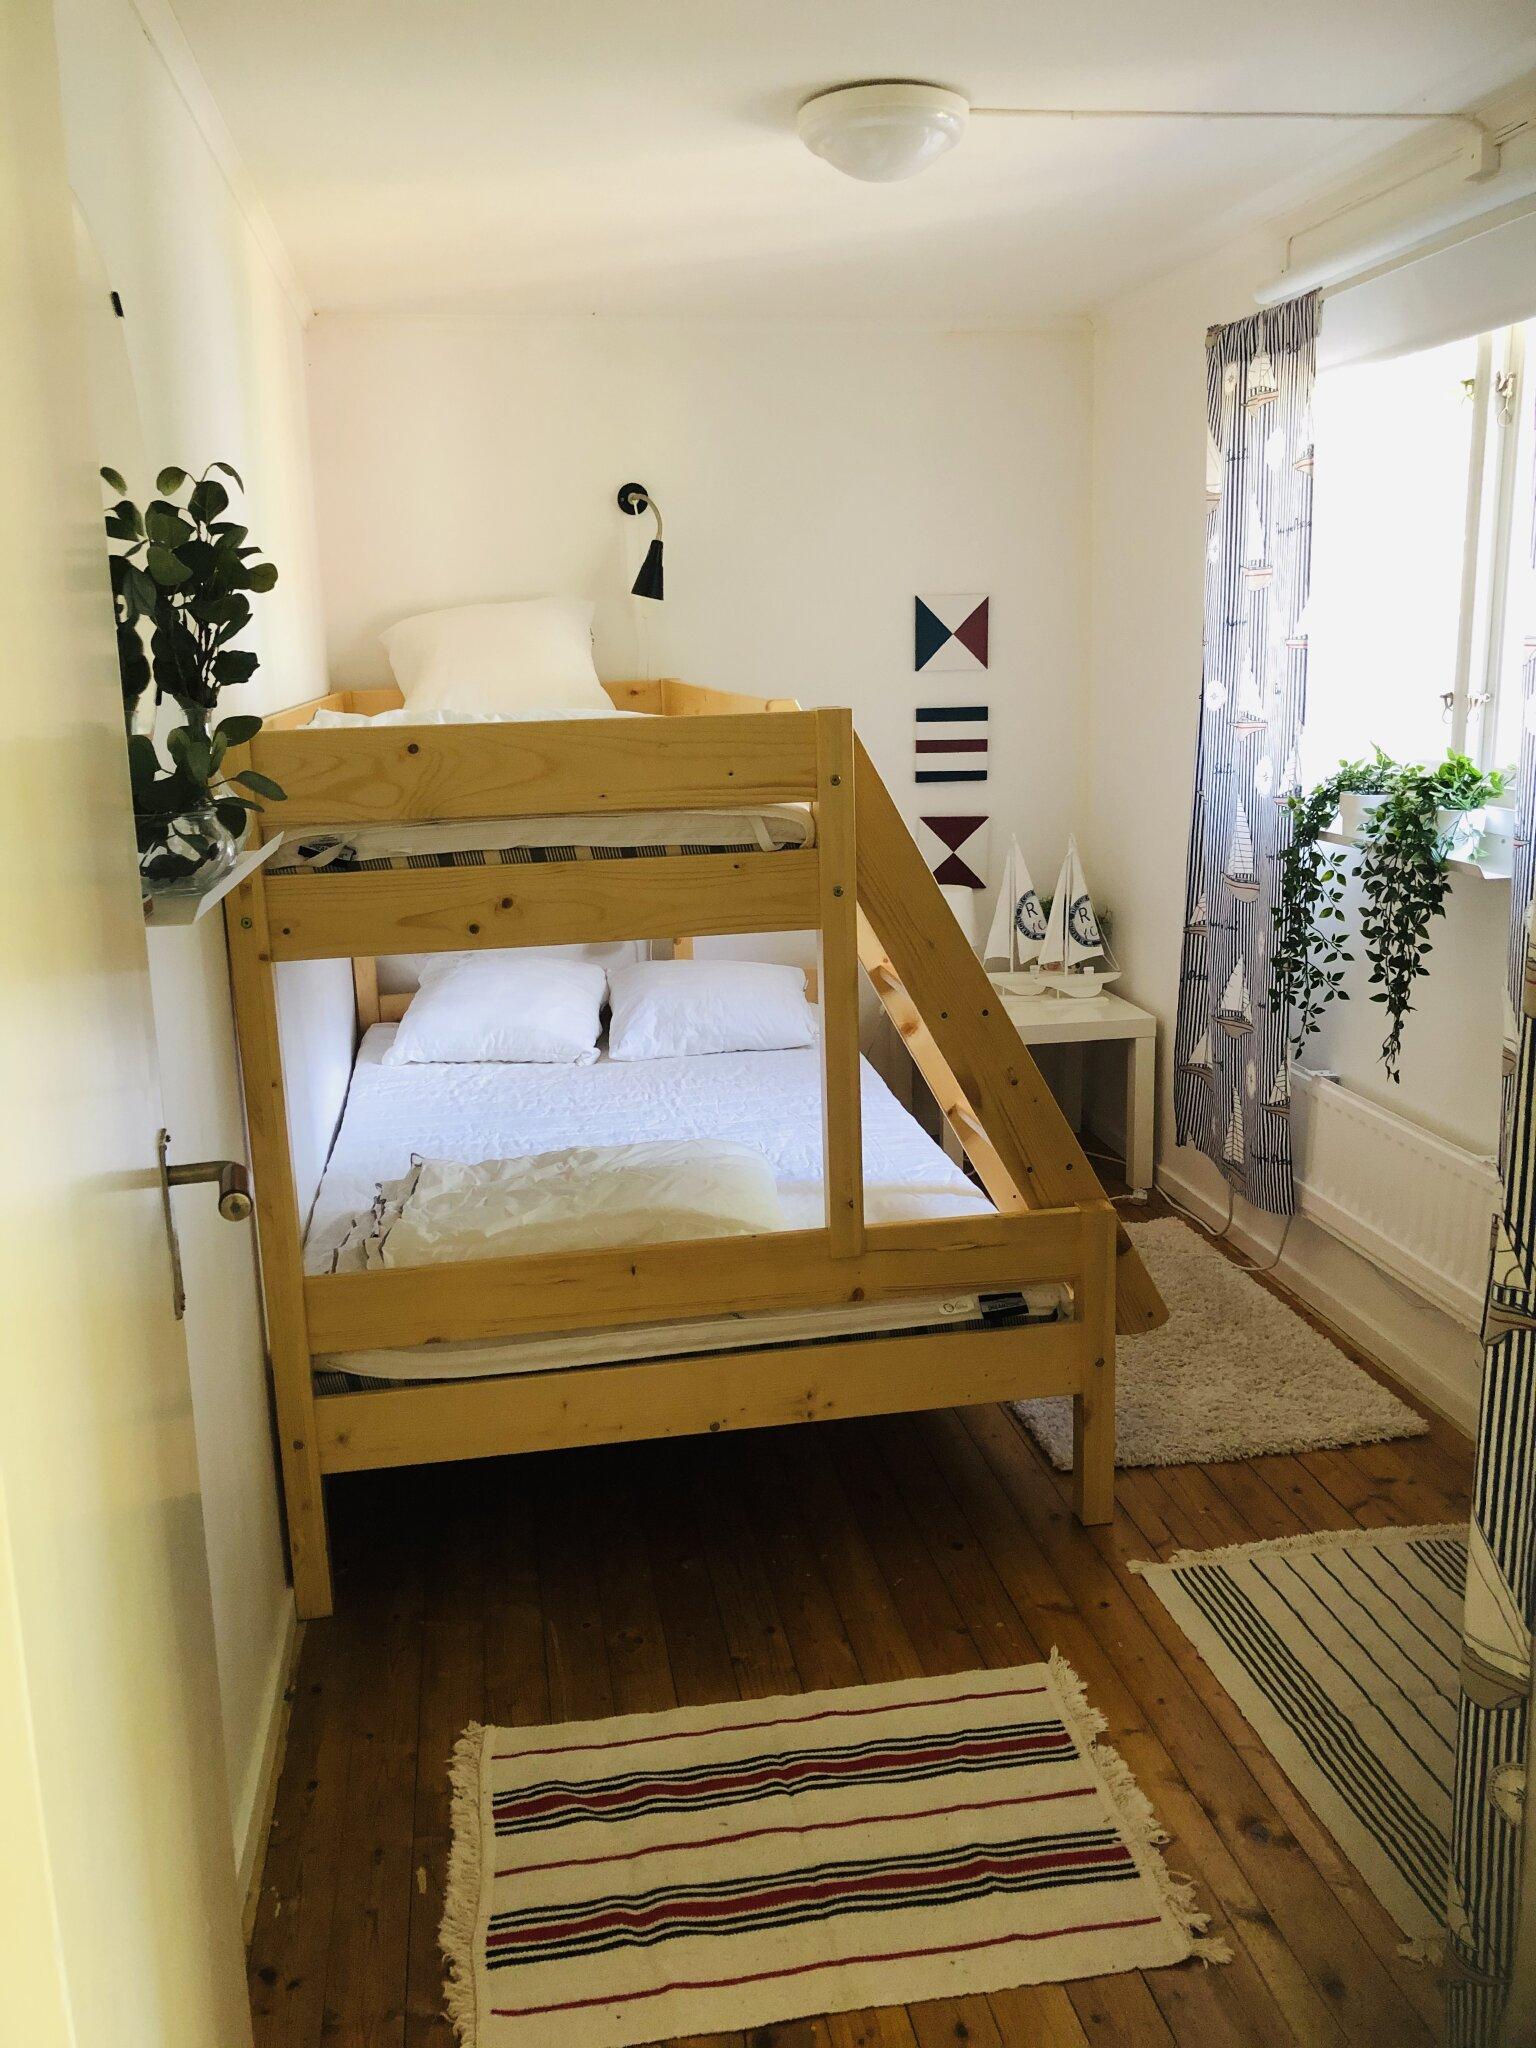 Schlafzimmer für 3 Personen.